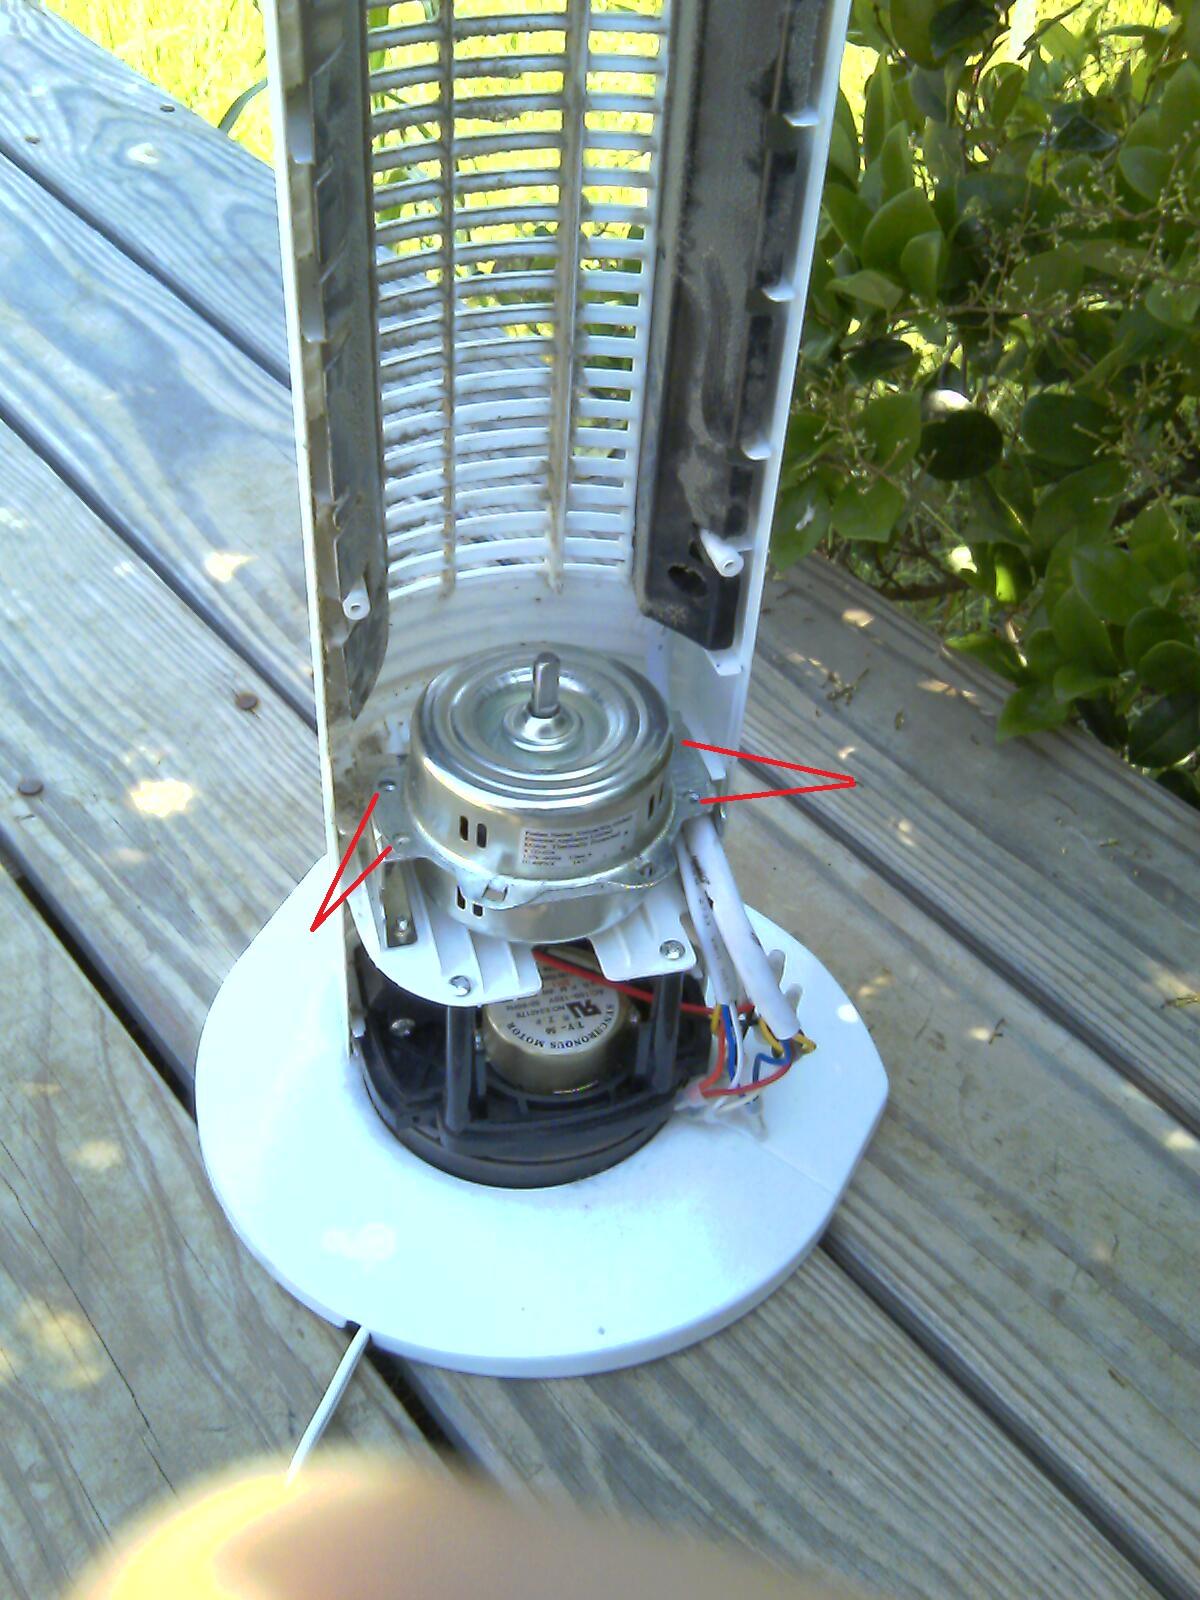 medium resolution of oscillating tower fan motor wiring diagram fan motor parts 3 speed fan motor wiring 4 wire